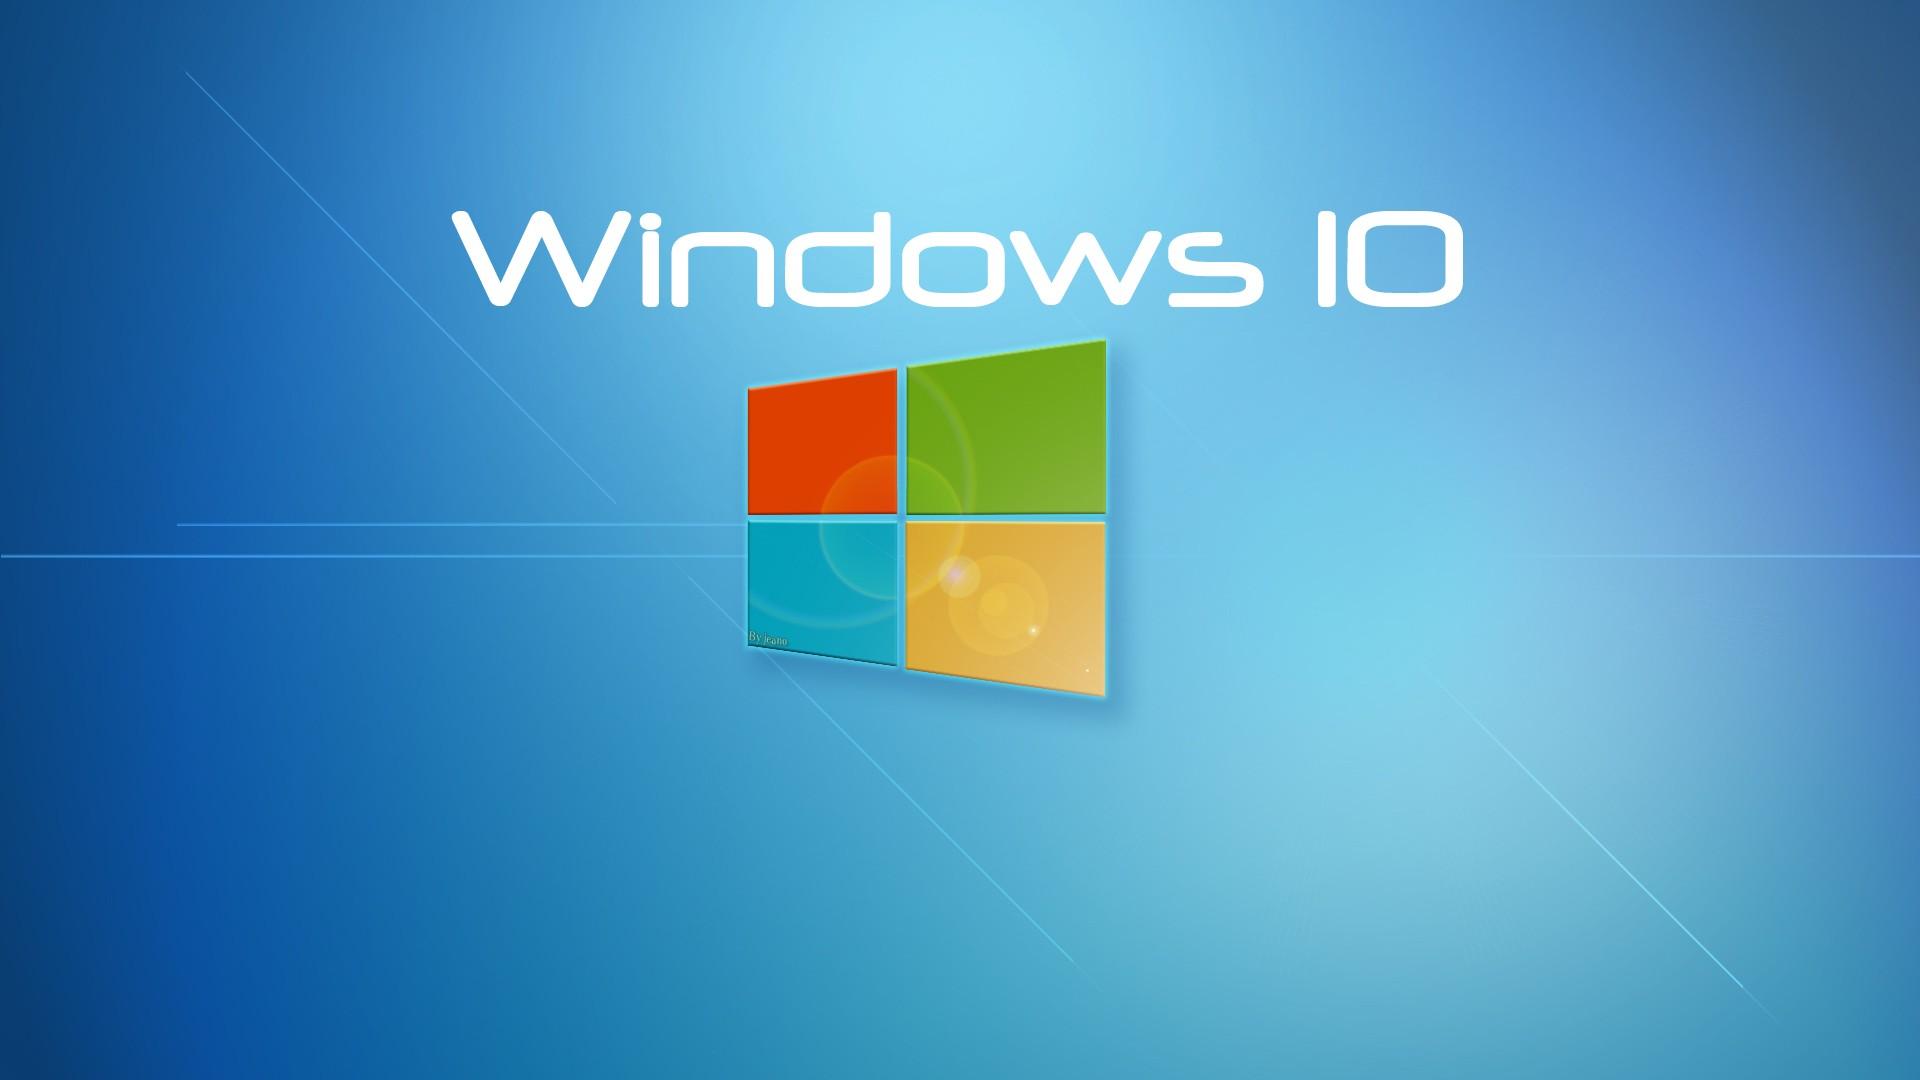 4k windows 10 wallpapers wallpapersafari - Windows 10 4k wallpaper pack ...